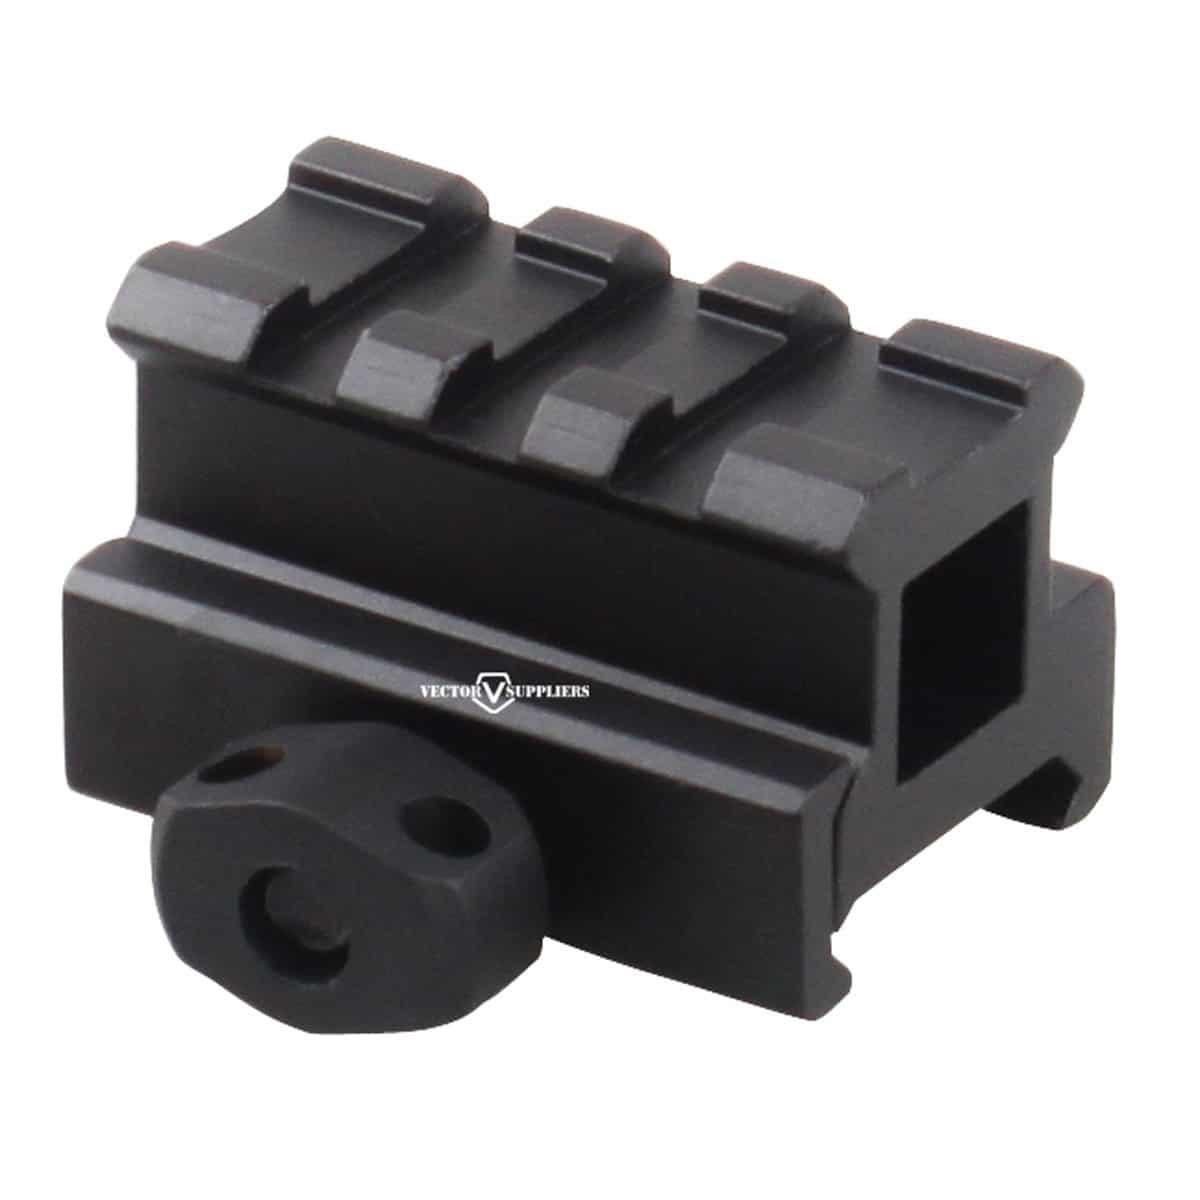 Vector Optics SCRA-59 0.83Inch Picatinny Riser Mount 3 Slots 40mm